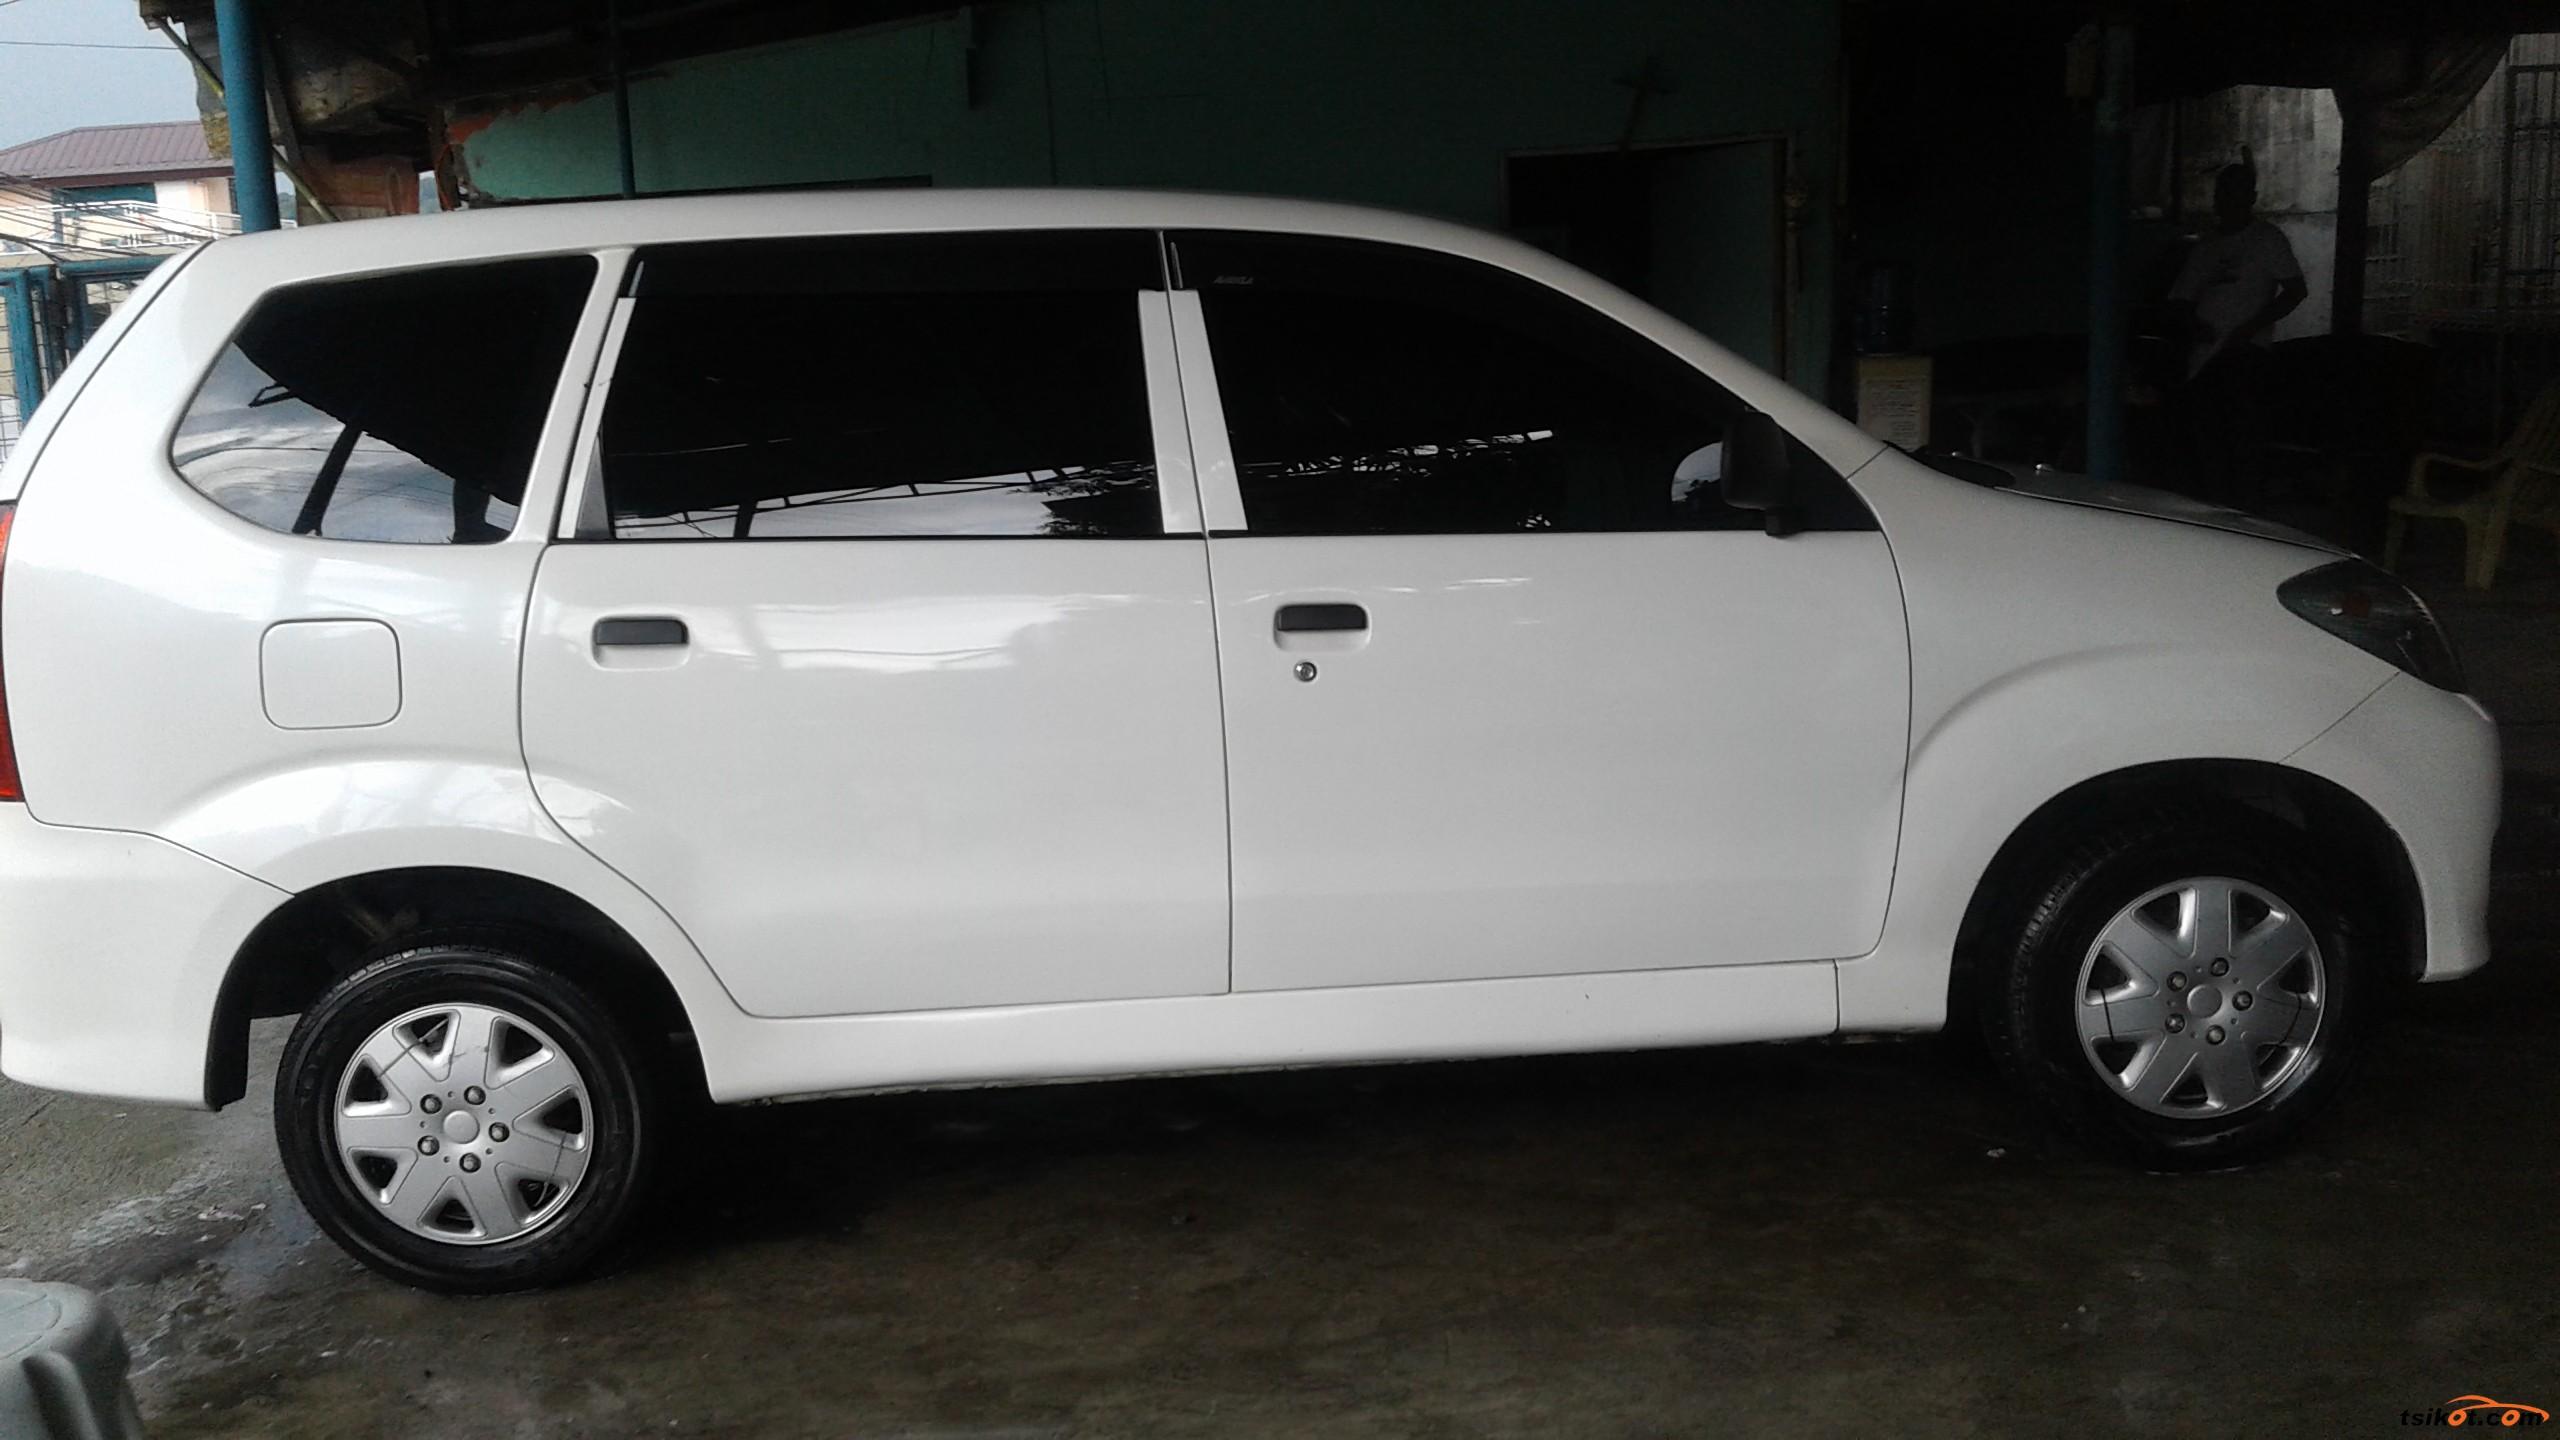 Kelebihan Kekurangan Toyota Avanza 2008 Murah Berkualitas